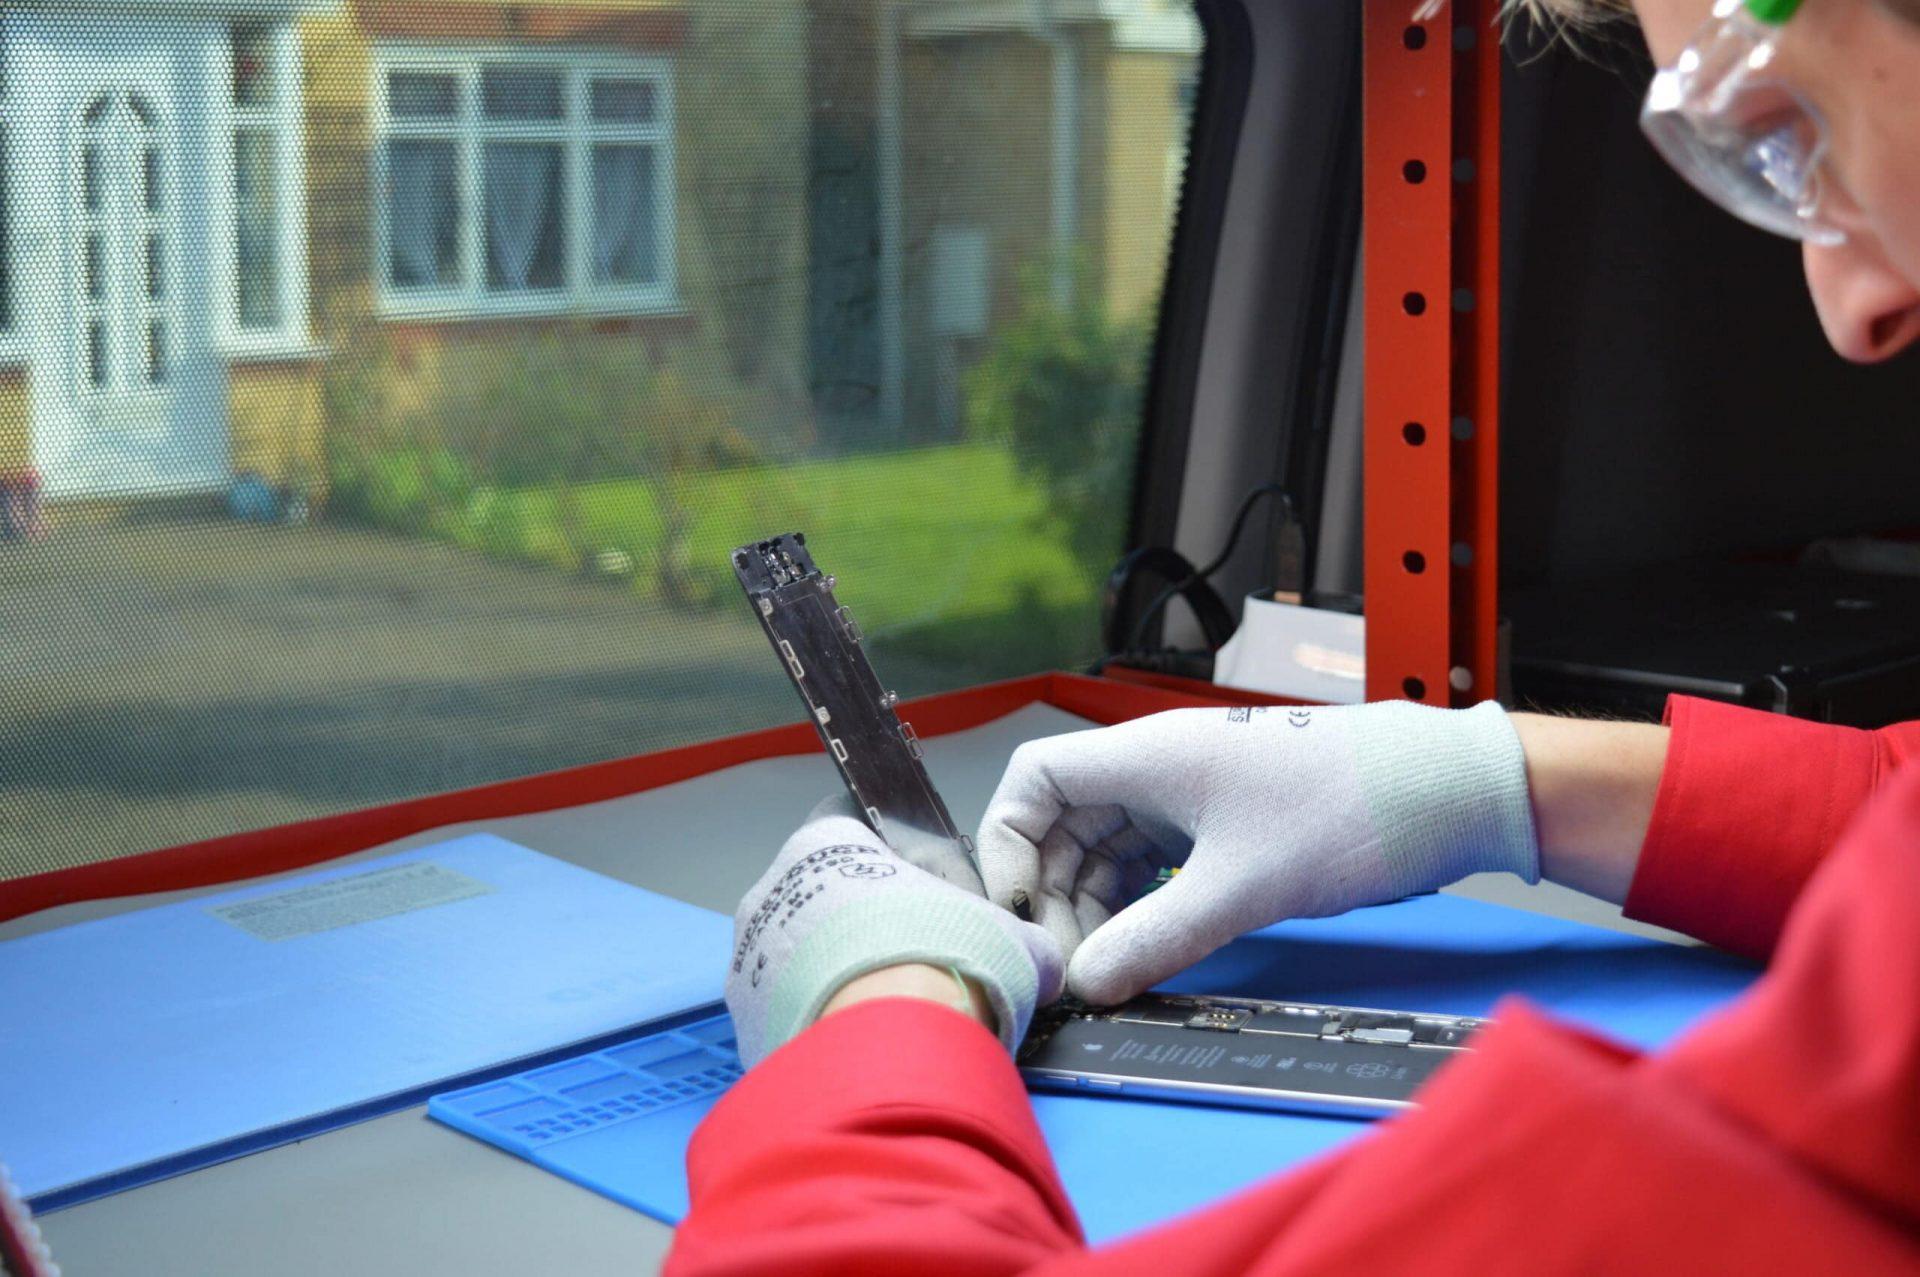 1 hour mobile phone repairs